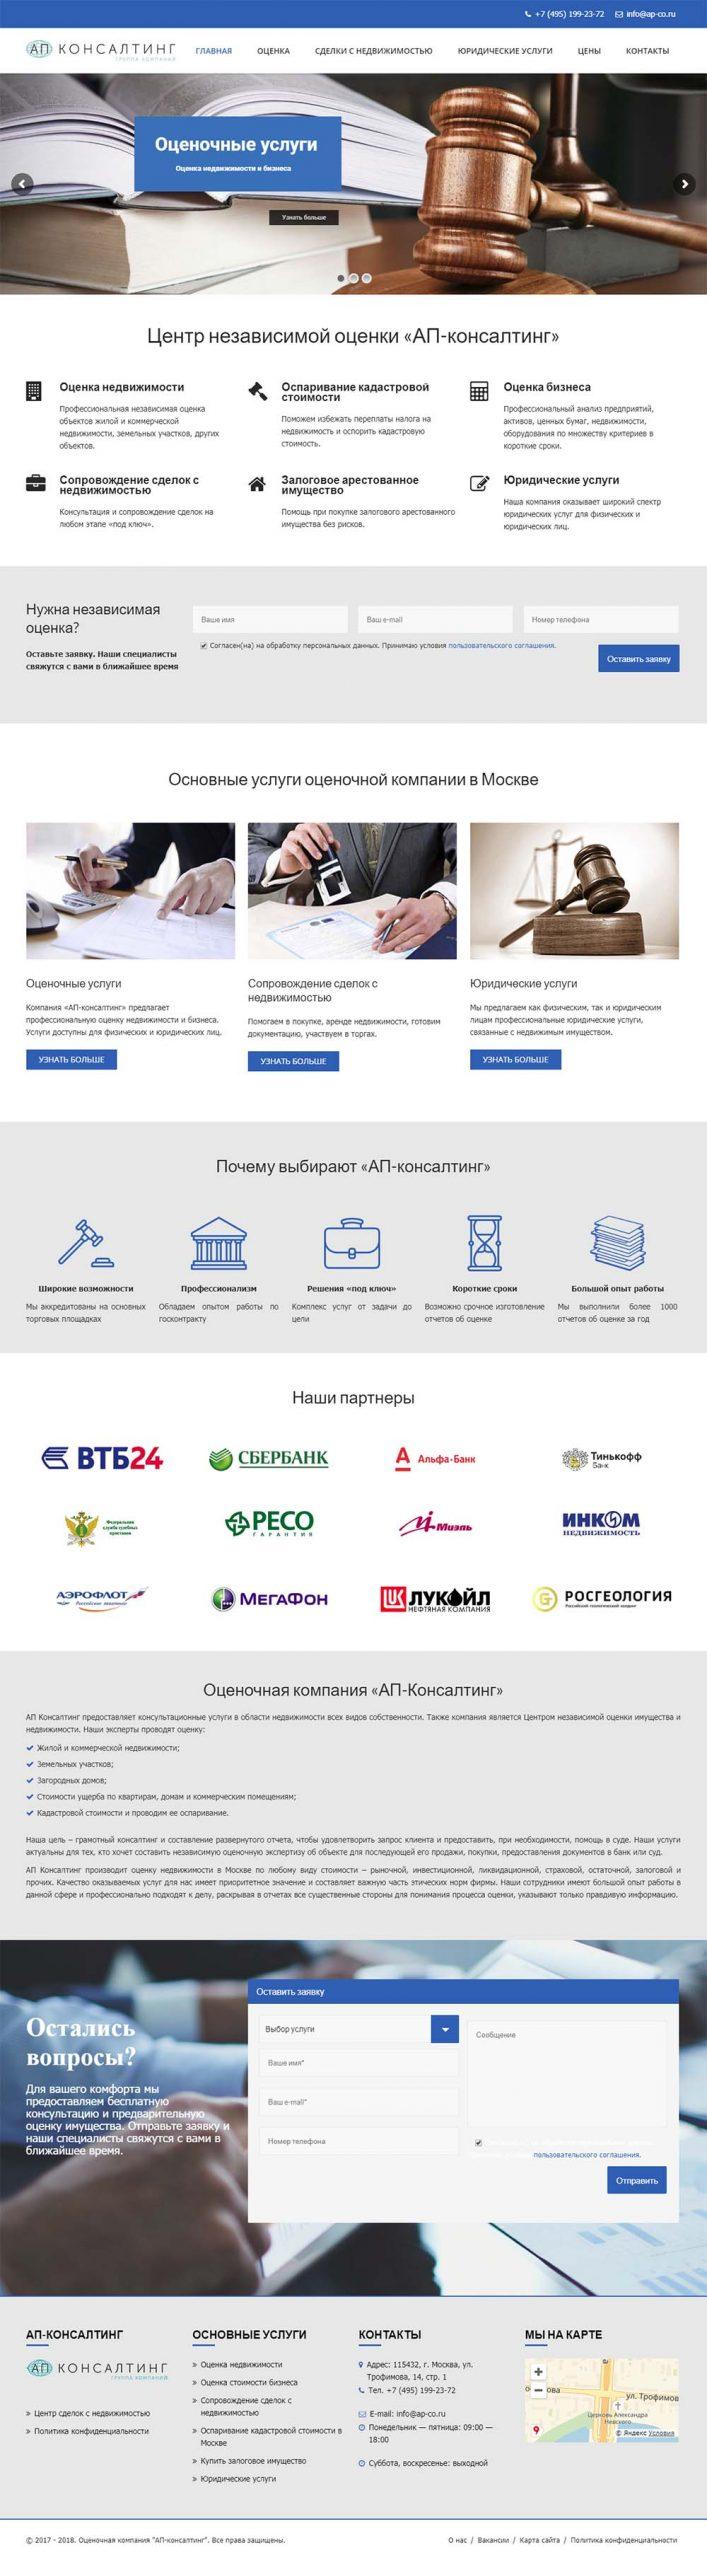 Главная страница сайта оценочной компании